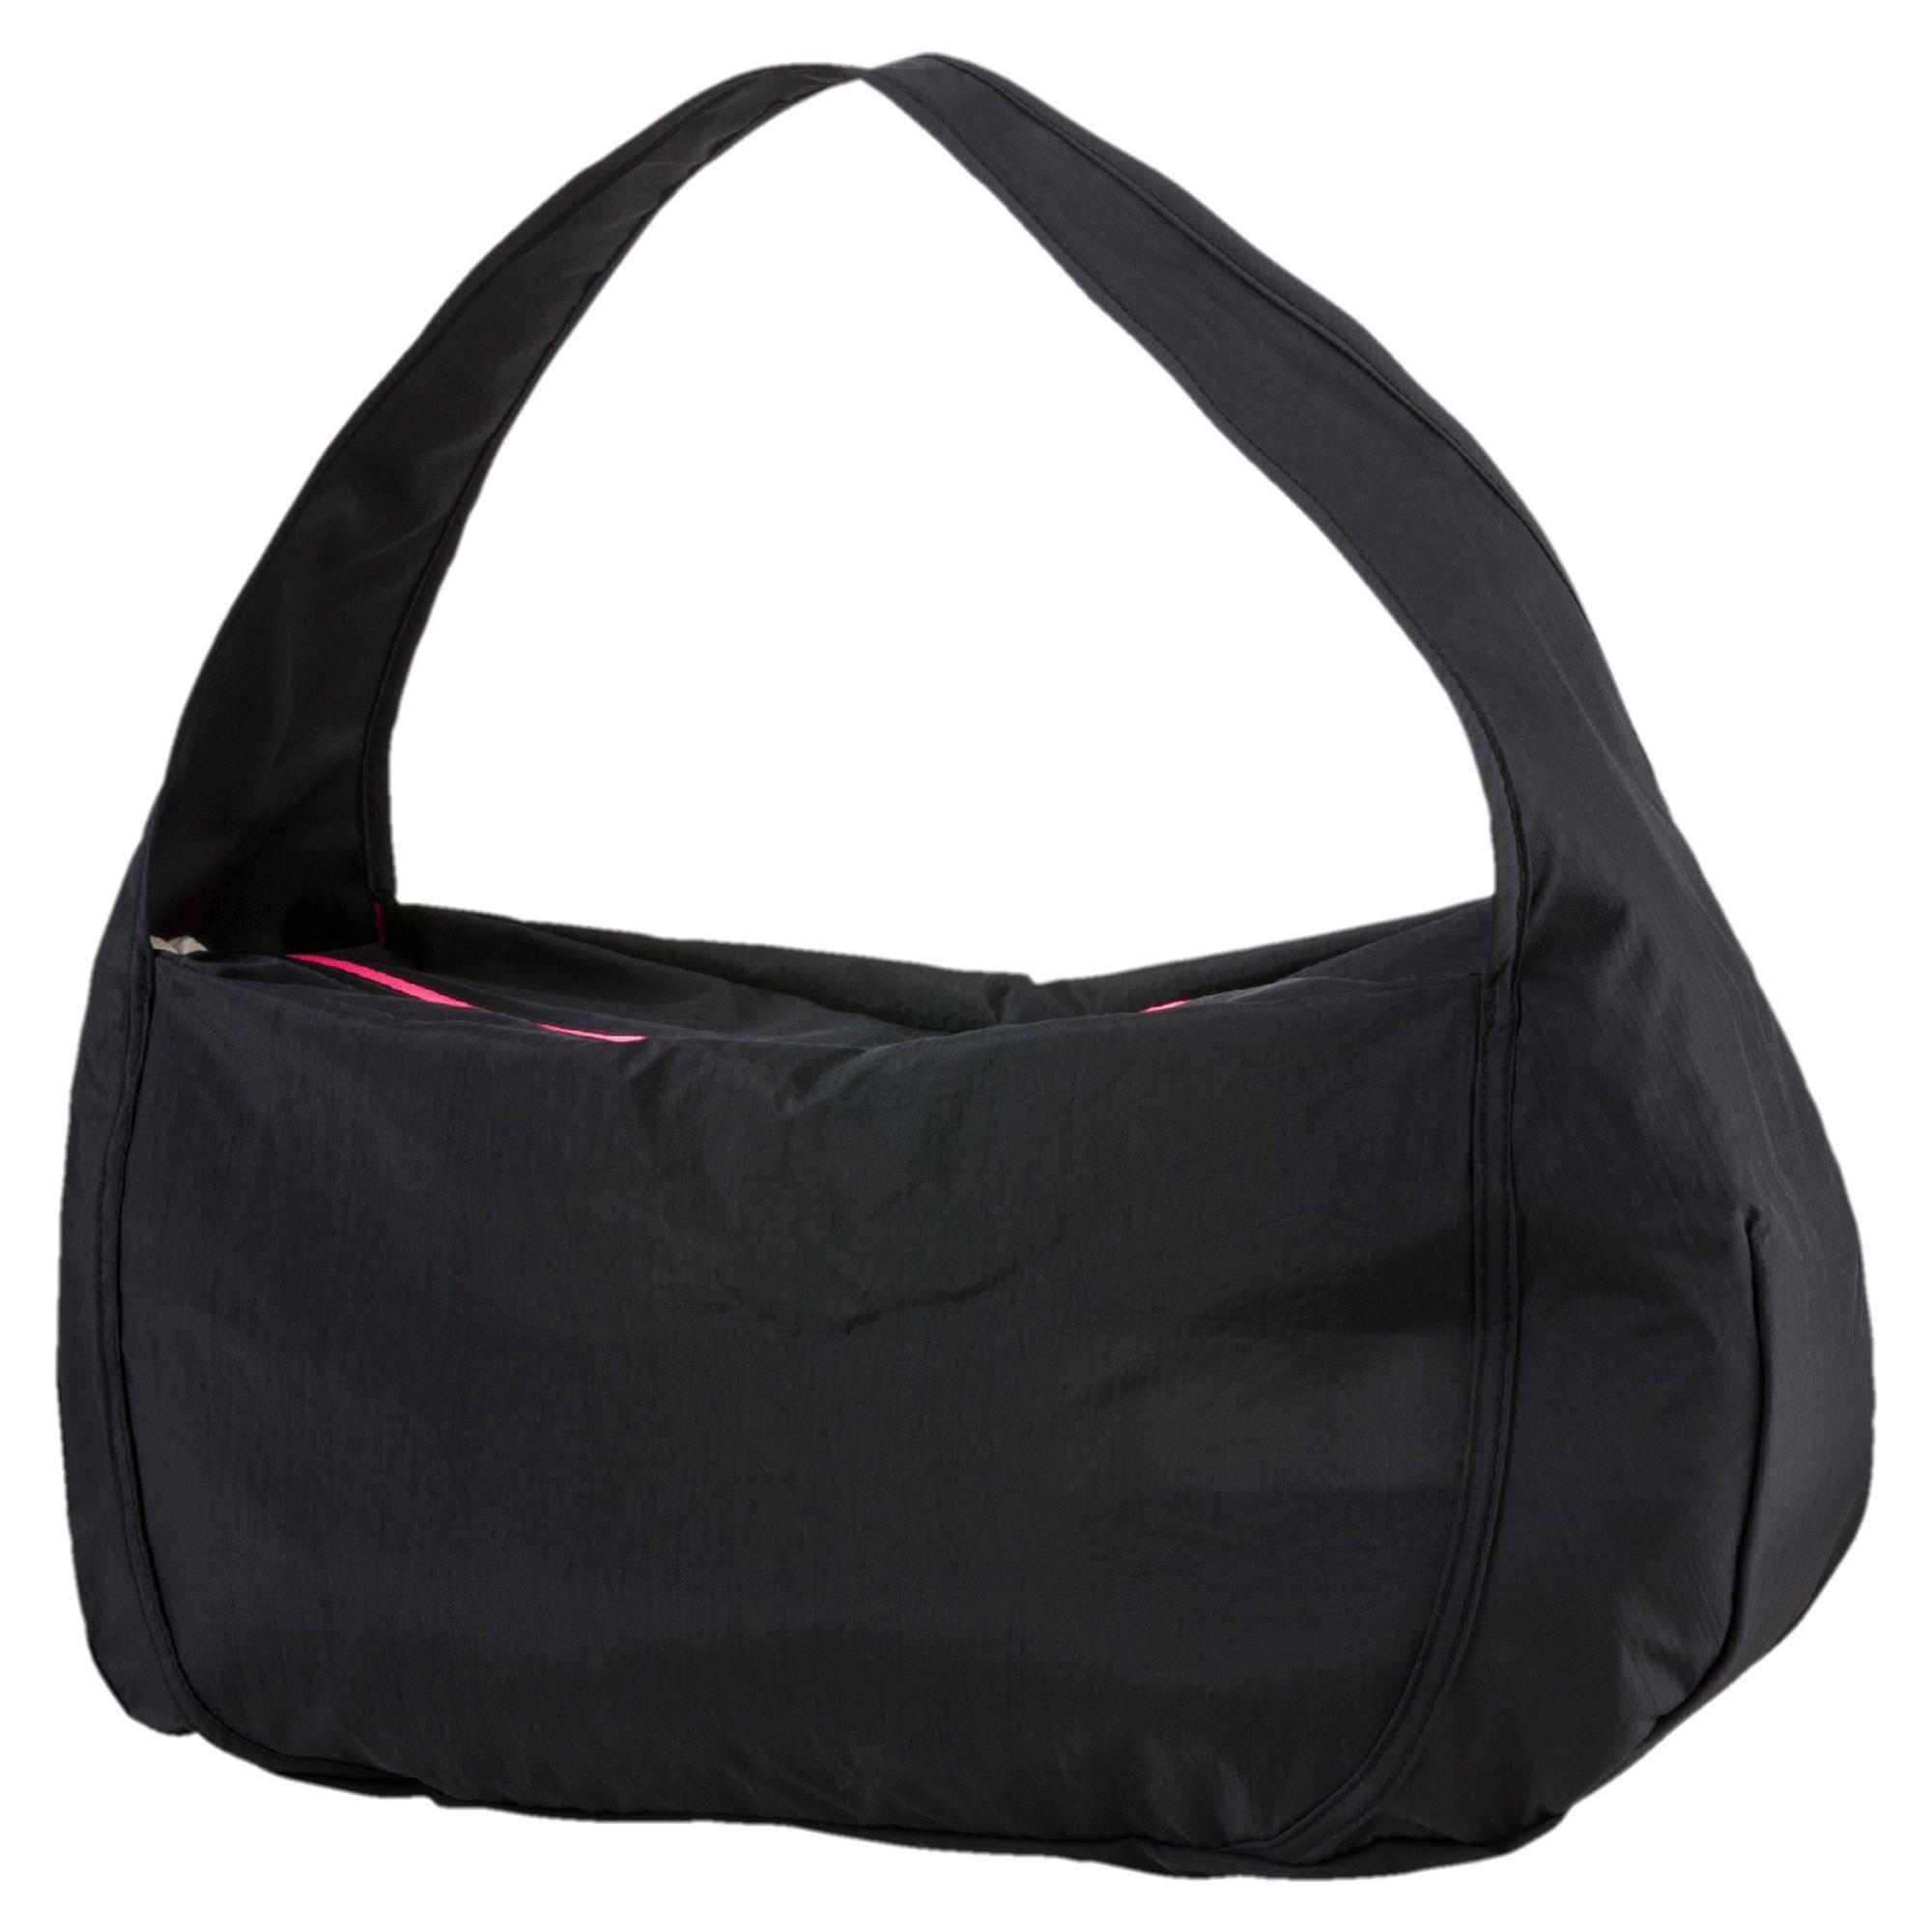 Lyst - PUMA Studio Barrel Duffel Bag in Black 6ec034f519f7f